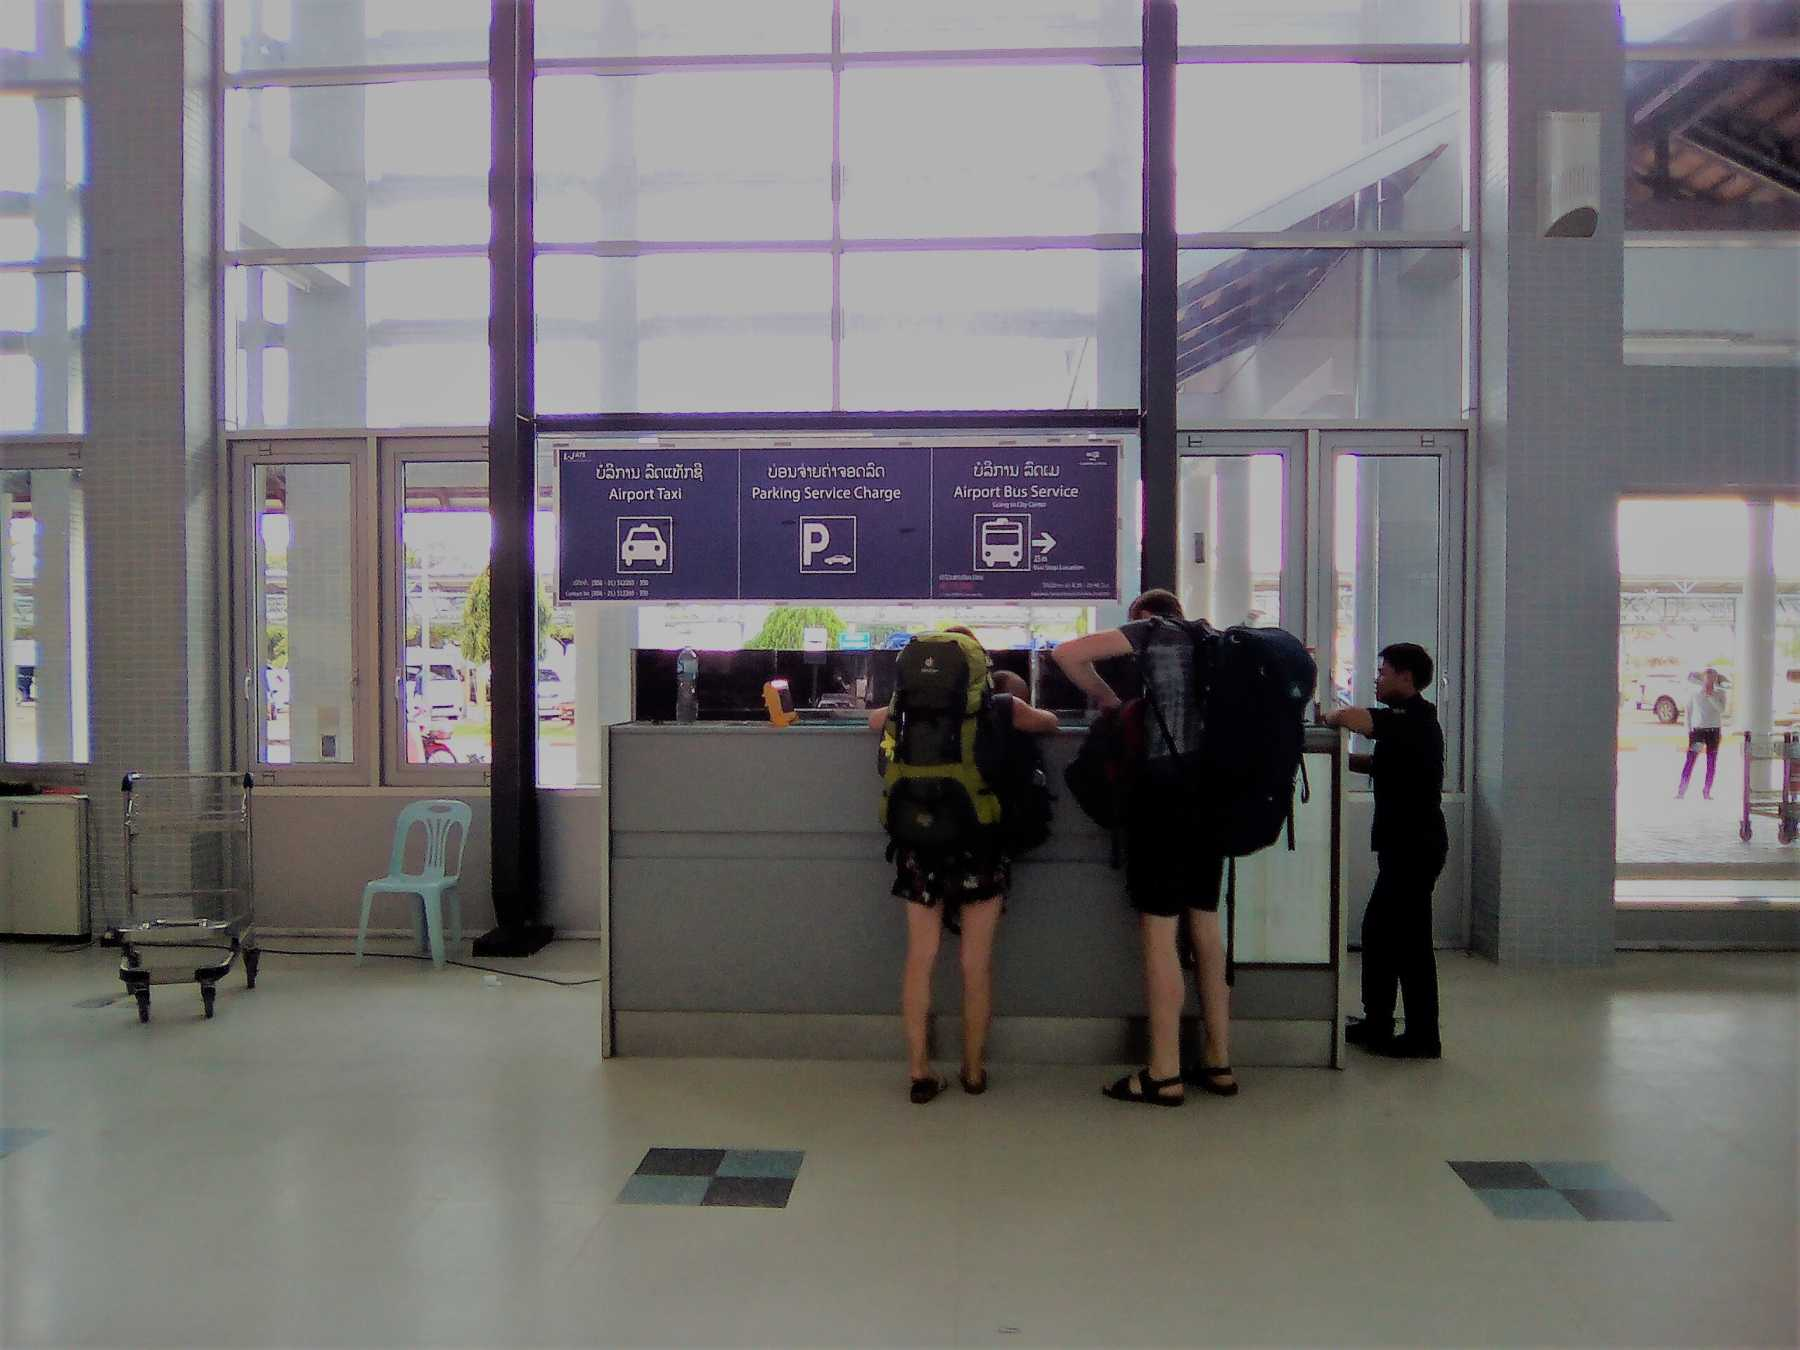 ビエンチャン空港(ワッタイ国際空港)インフォメーションカウンター